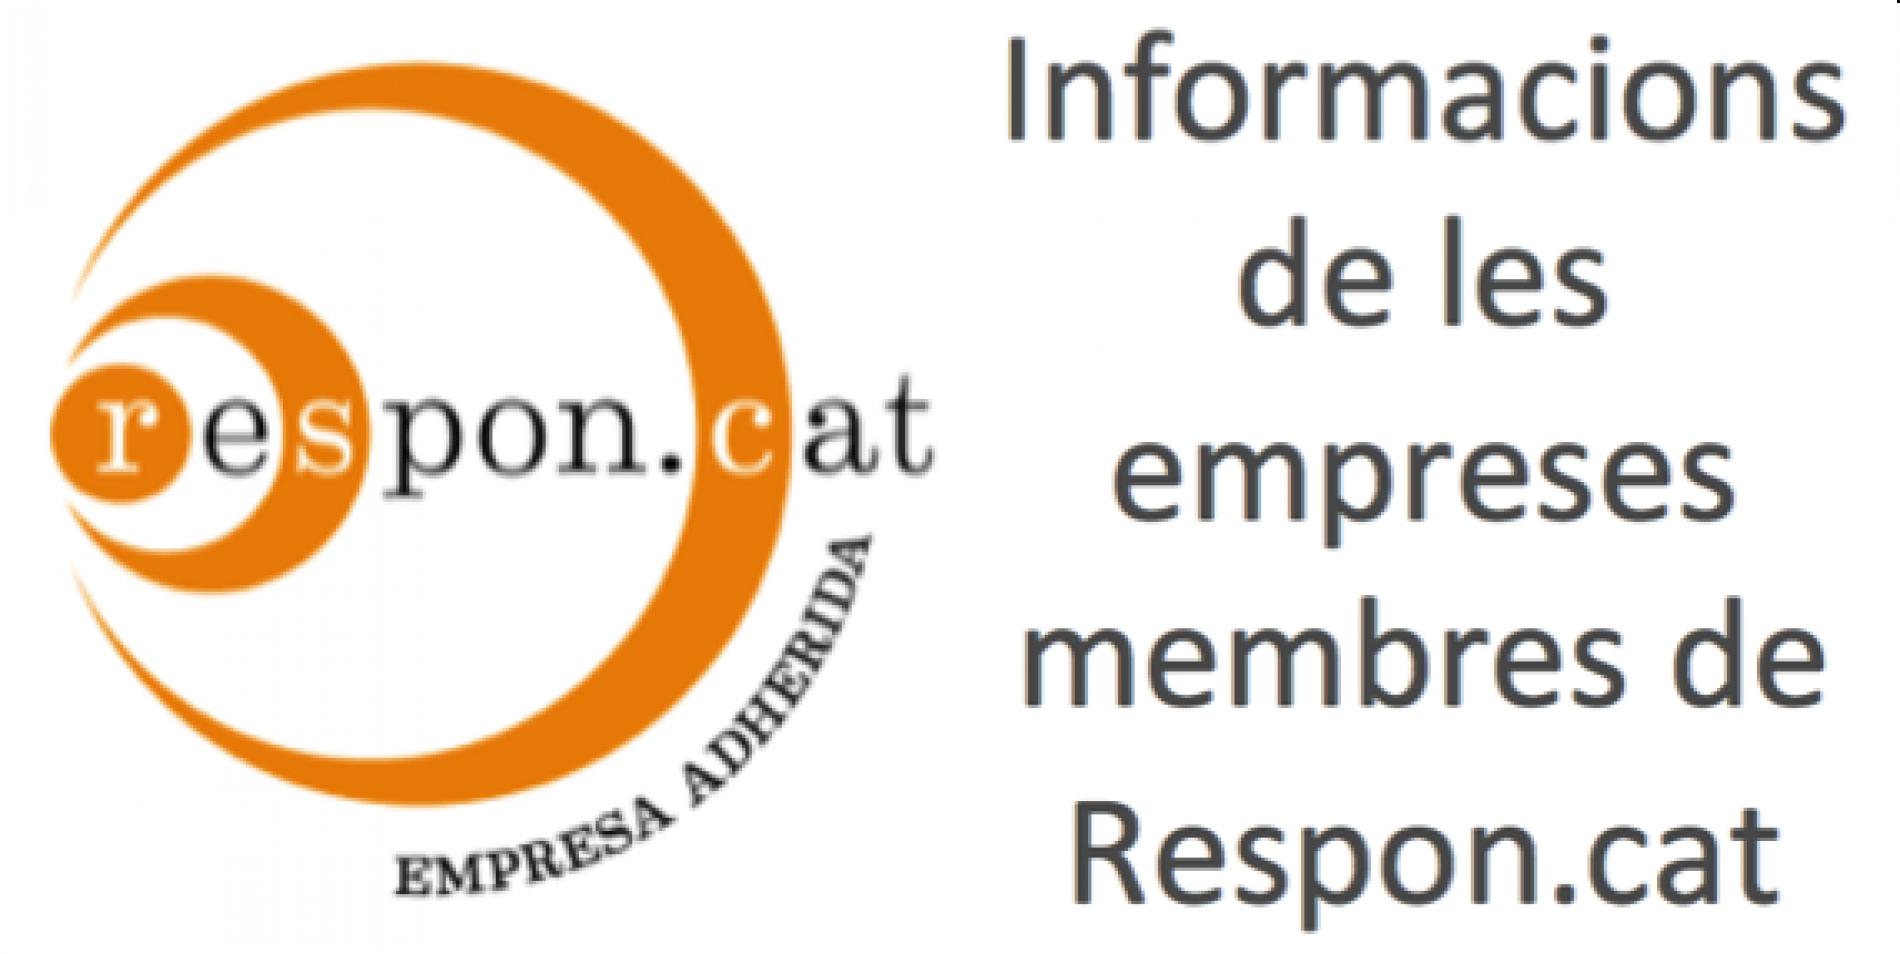 Cafès Novell, empresa membre de Respon.cat,  promou l'emprenedoria i la inclusió social